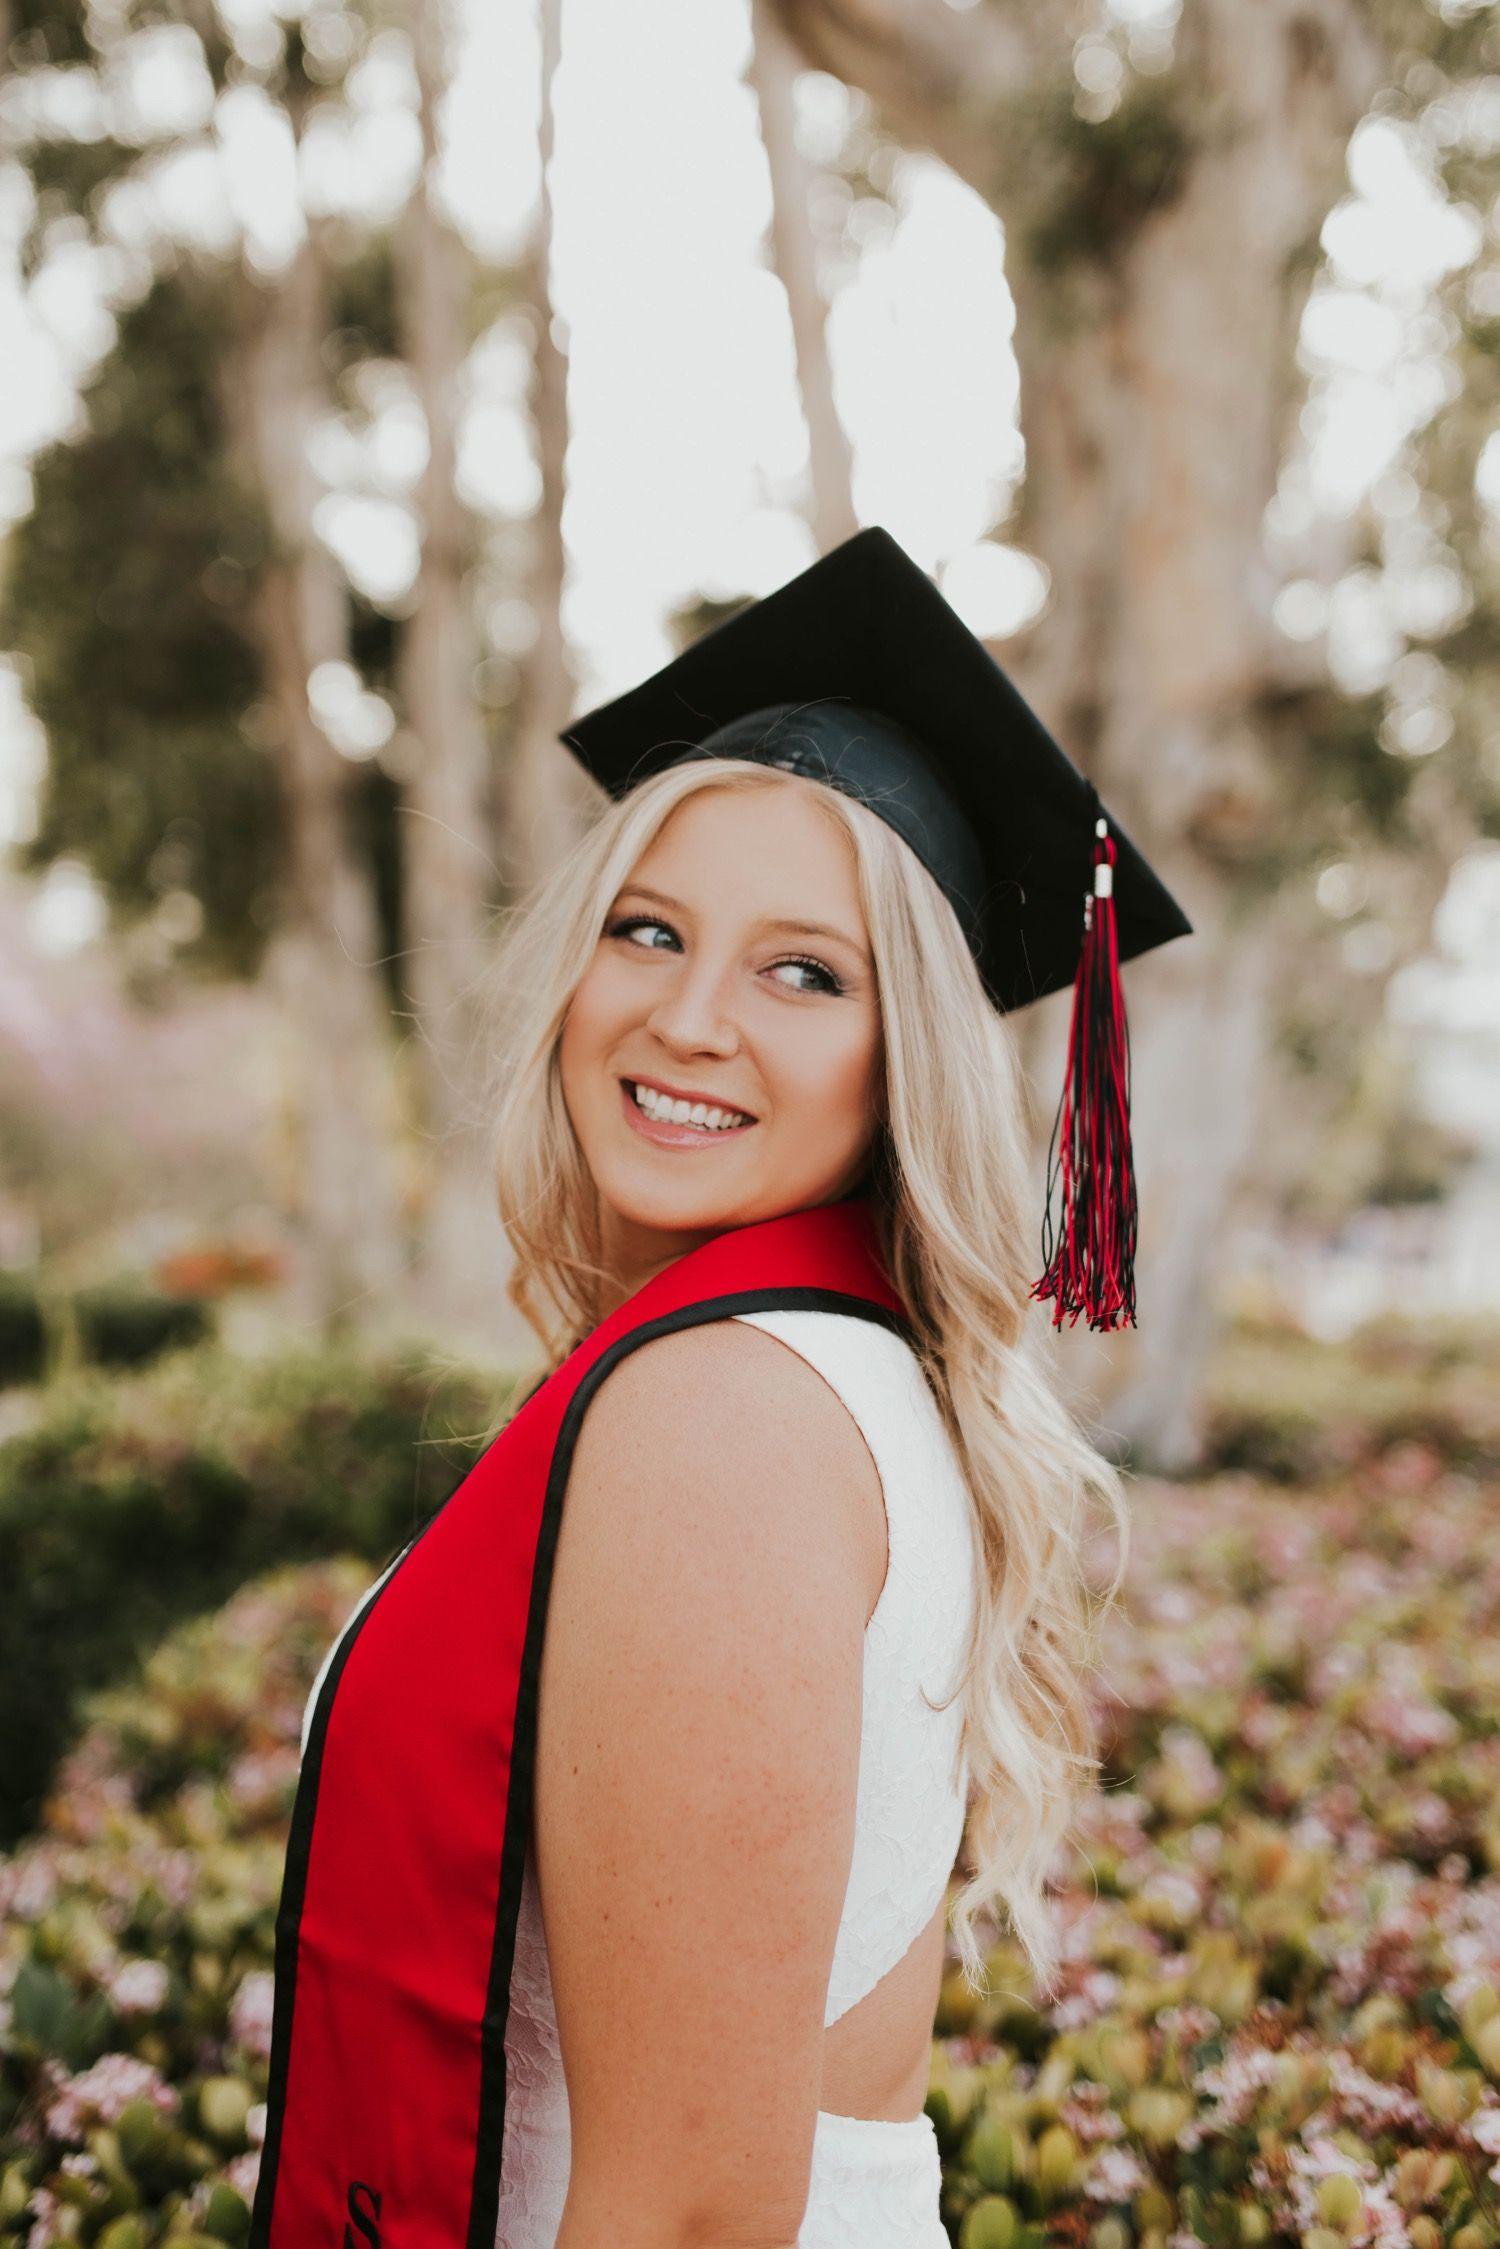 2019 Grads In 2020 Grad Pics Graduation Photoshoot Grad Photos